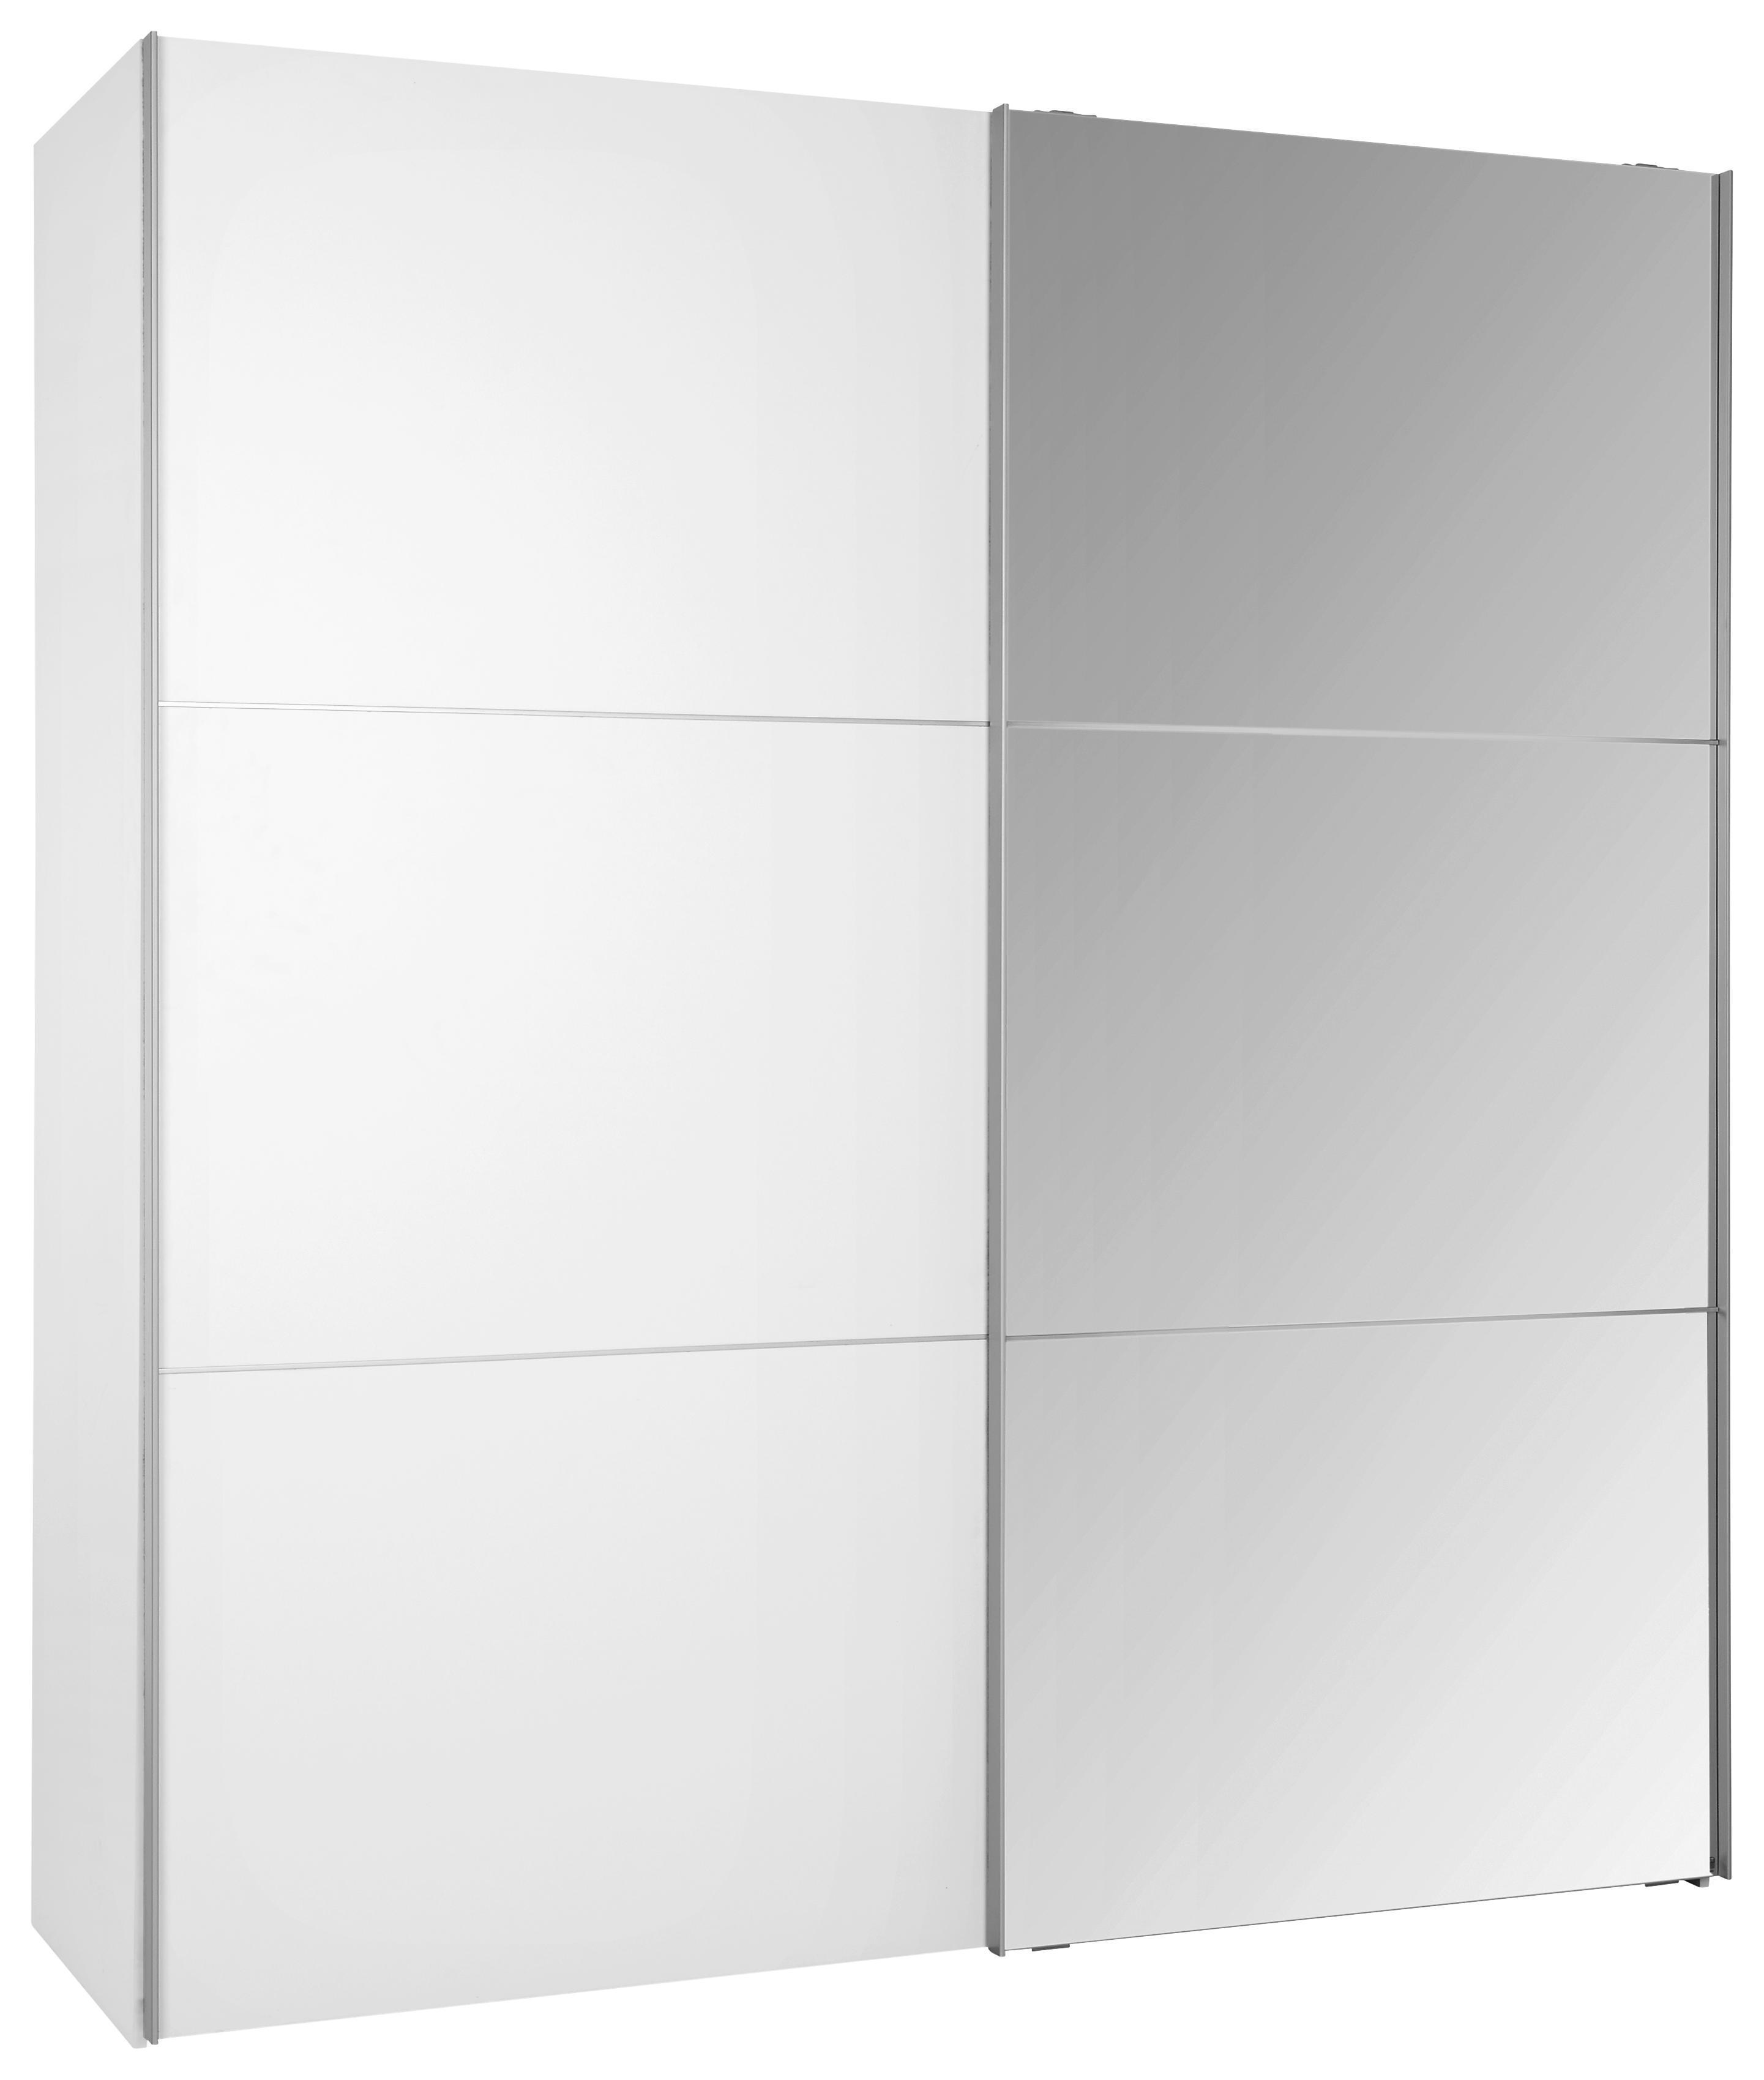 Schwebeturenschrank Weiss Spiegel 3 Breiten Kleiderschrank Hohe 216 Cm